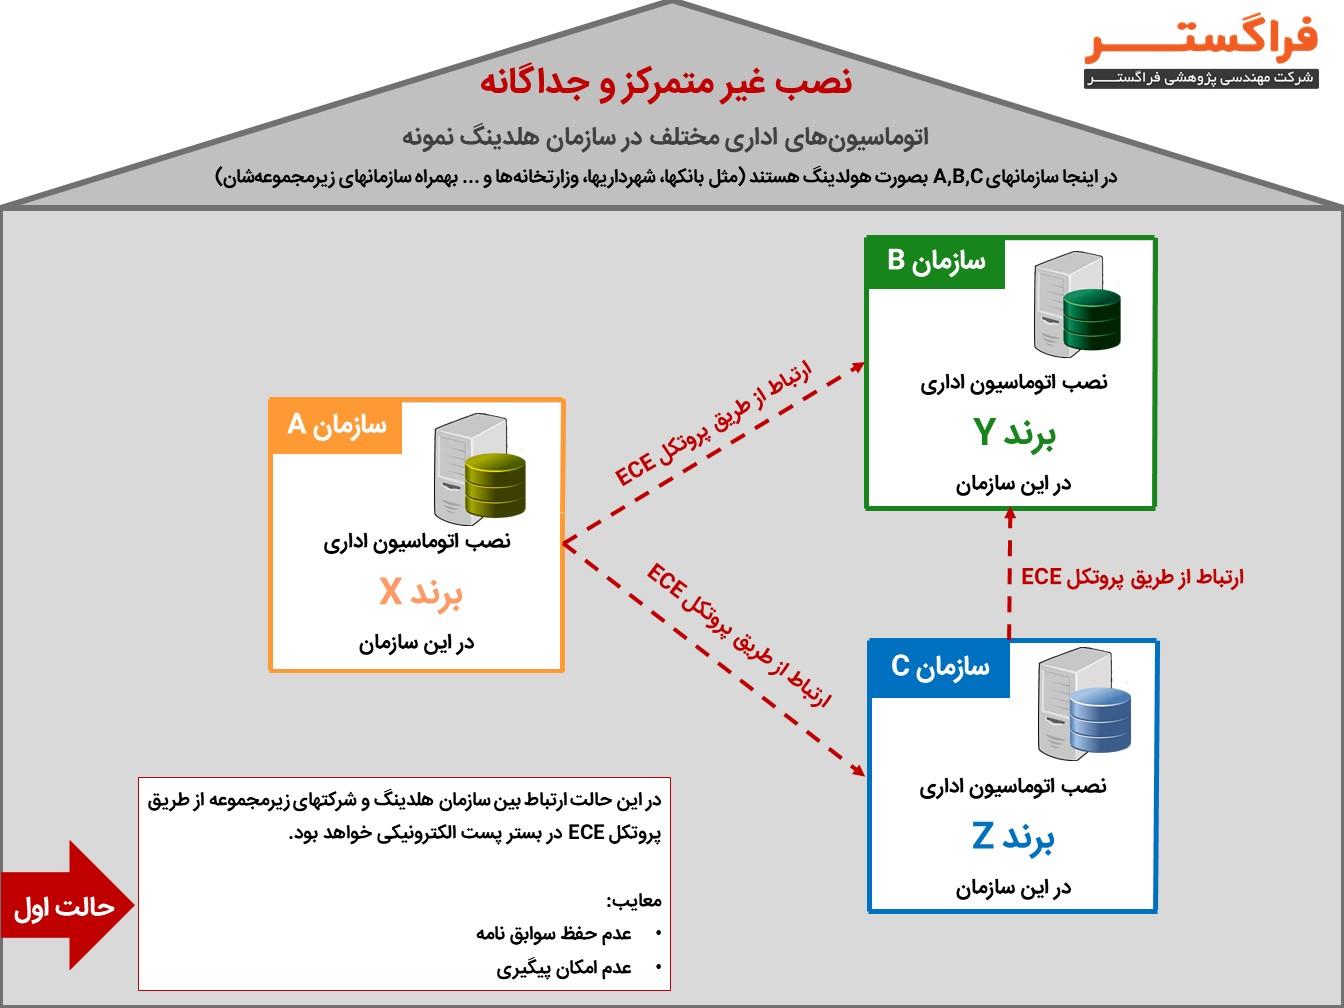 پروتکل ECE در اتوماسیون اداری